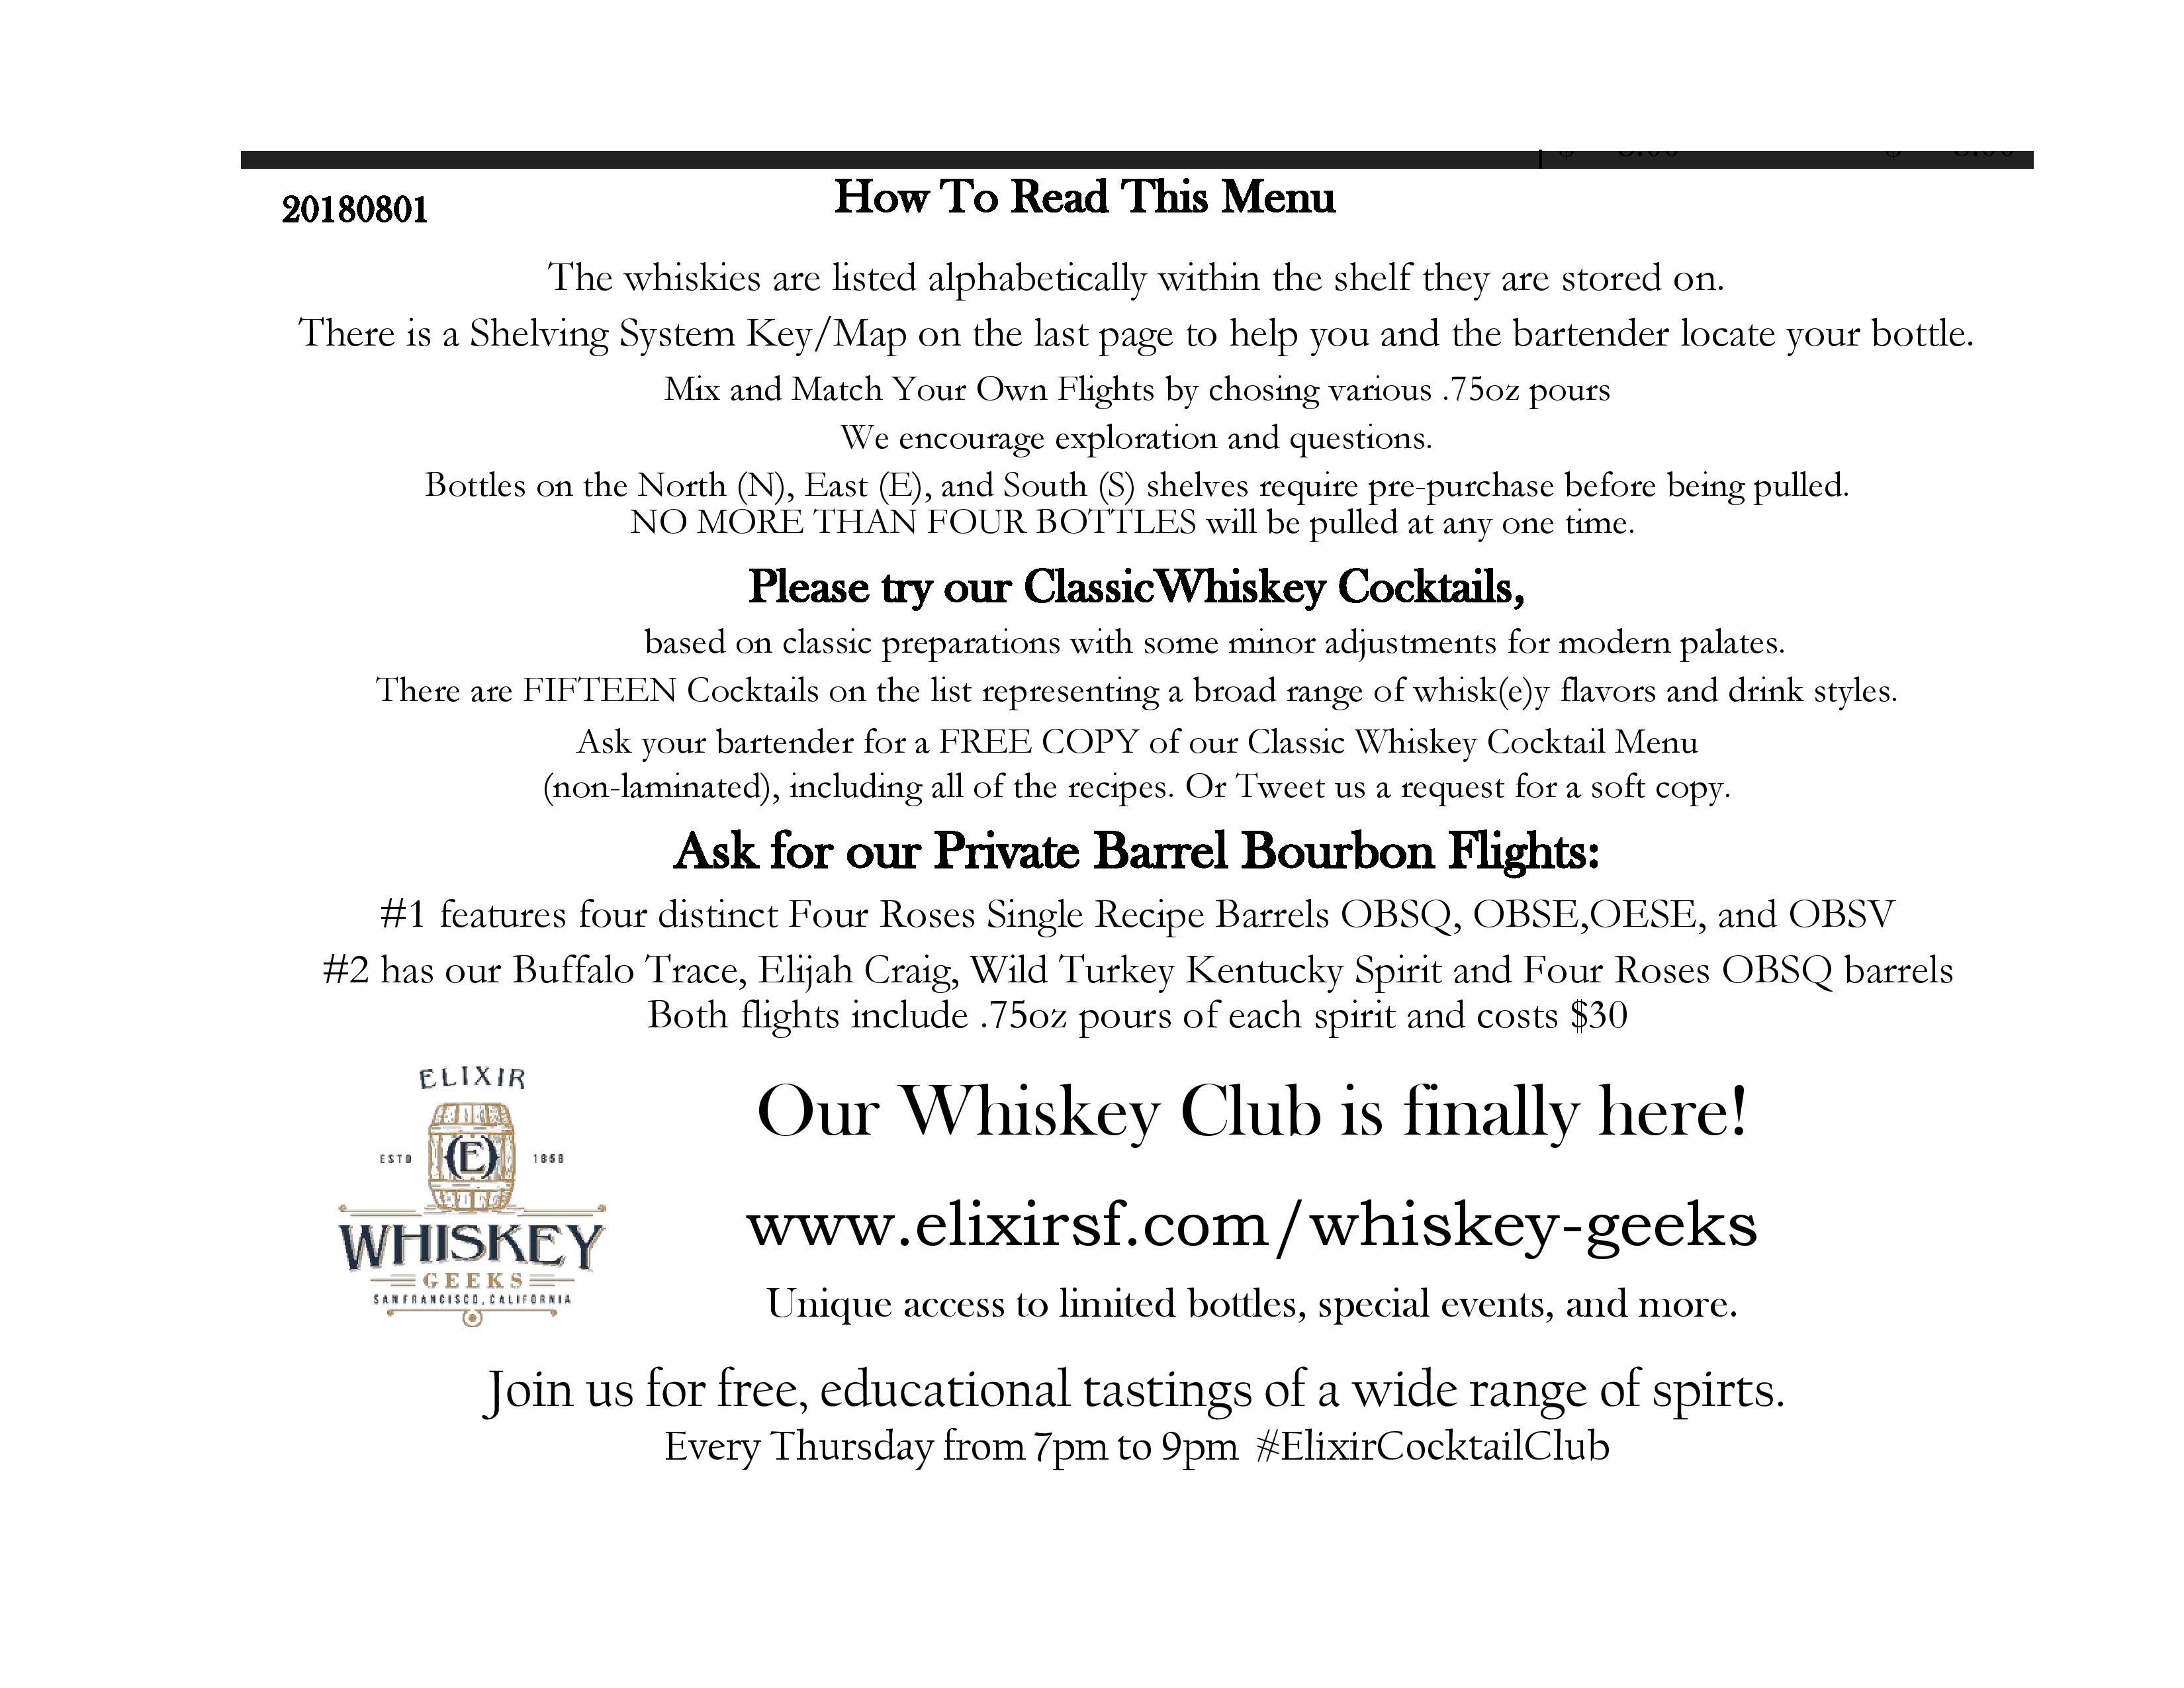 20180825 Partender Report based whiskey